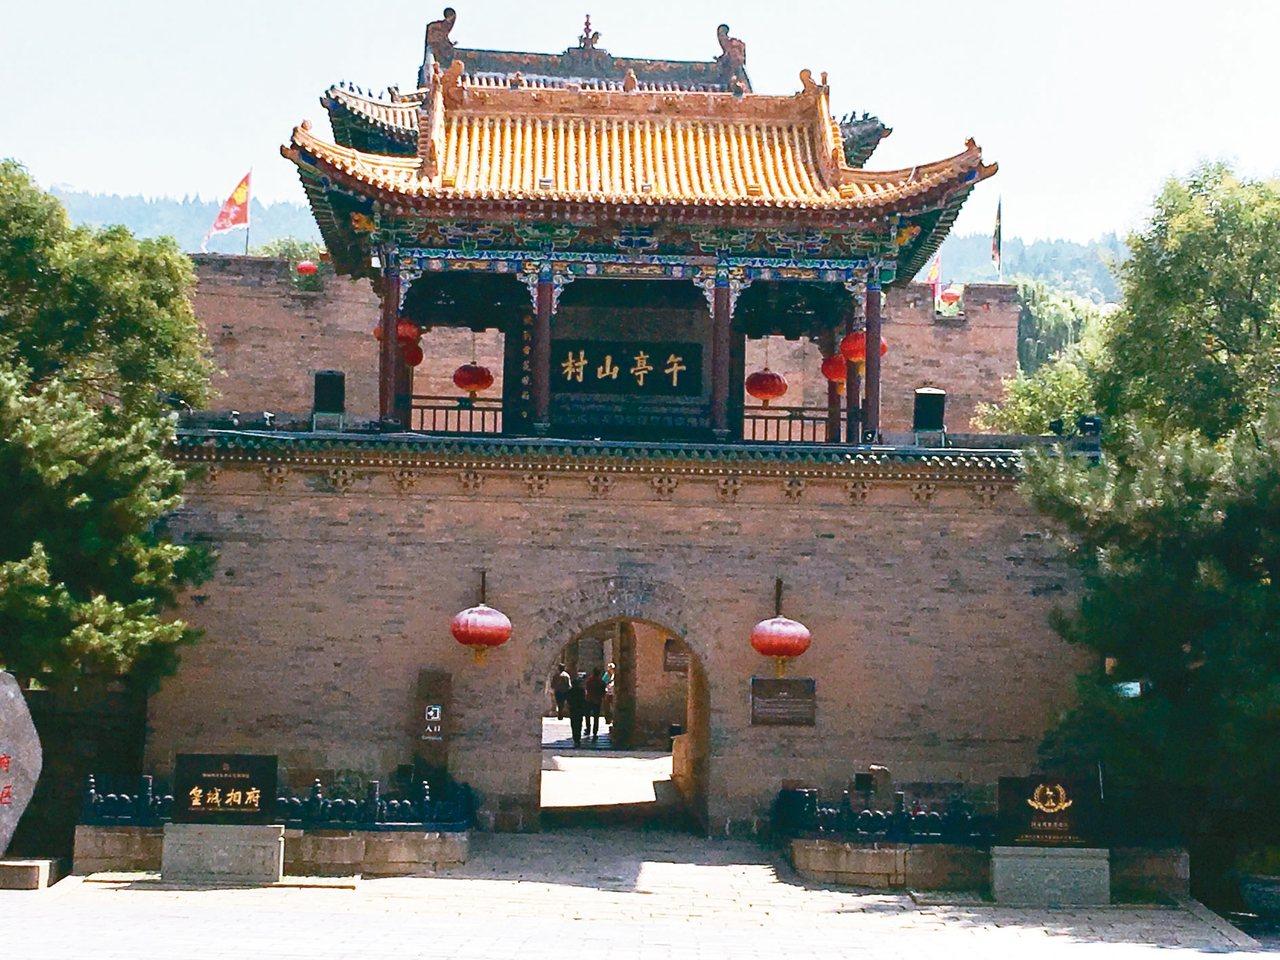 皇城相府有「東方第一雙城古堡」美譽。圖為御書樓,檈上珍藏清康熙帝御書「午亭山村」...